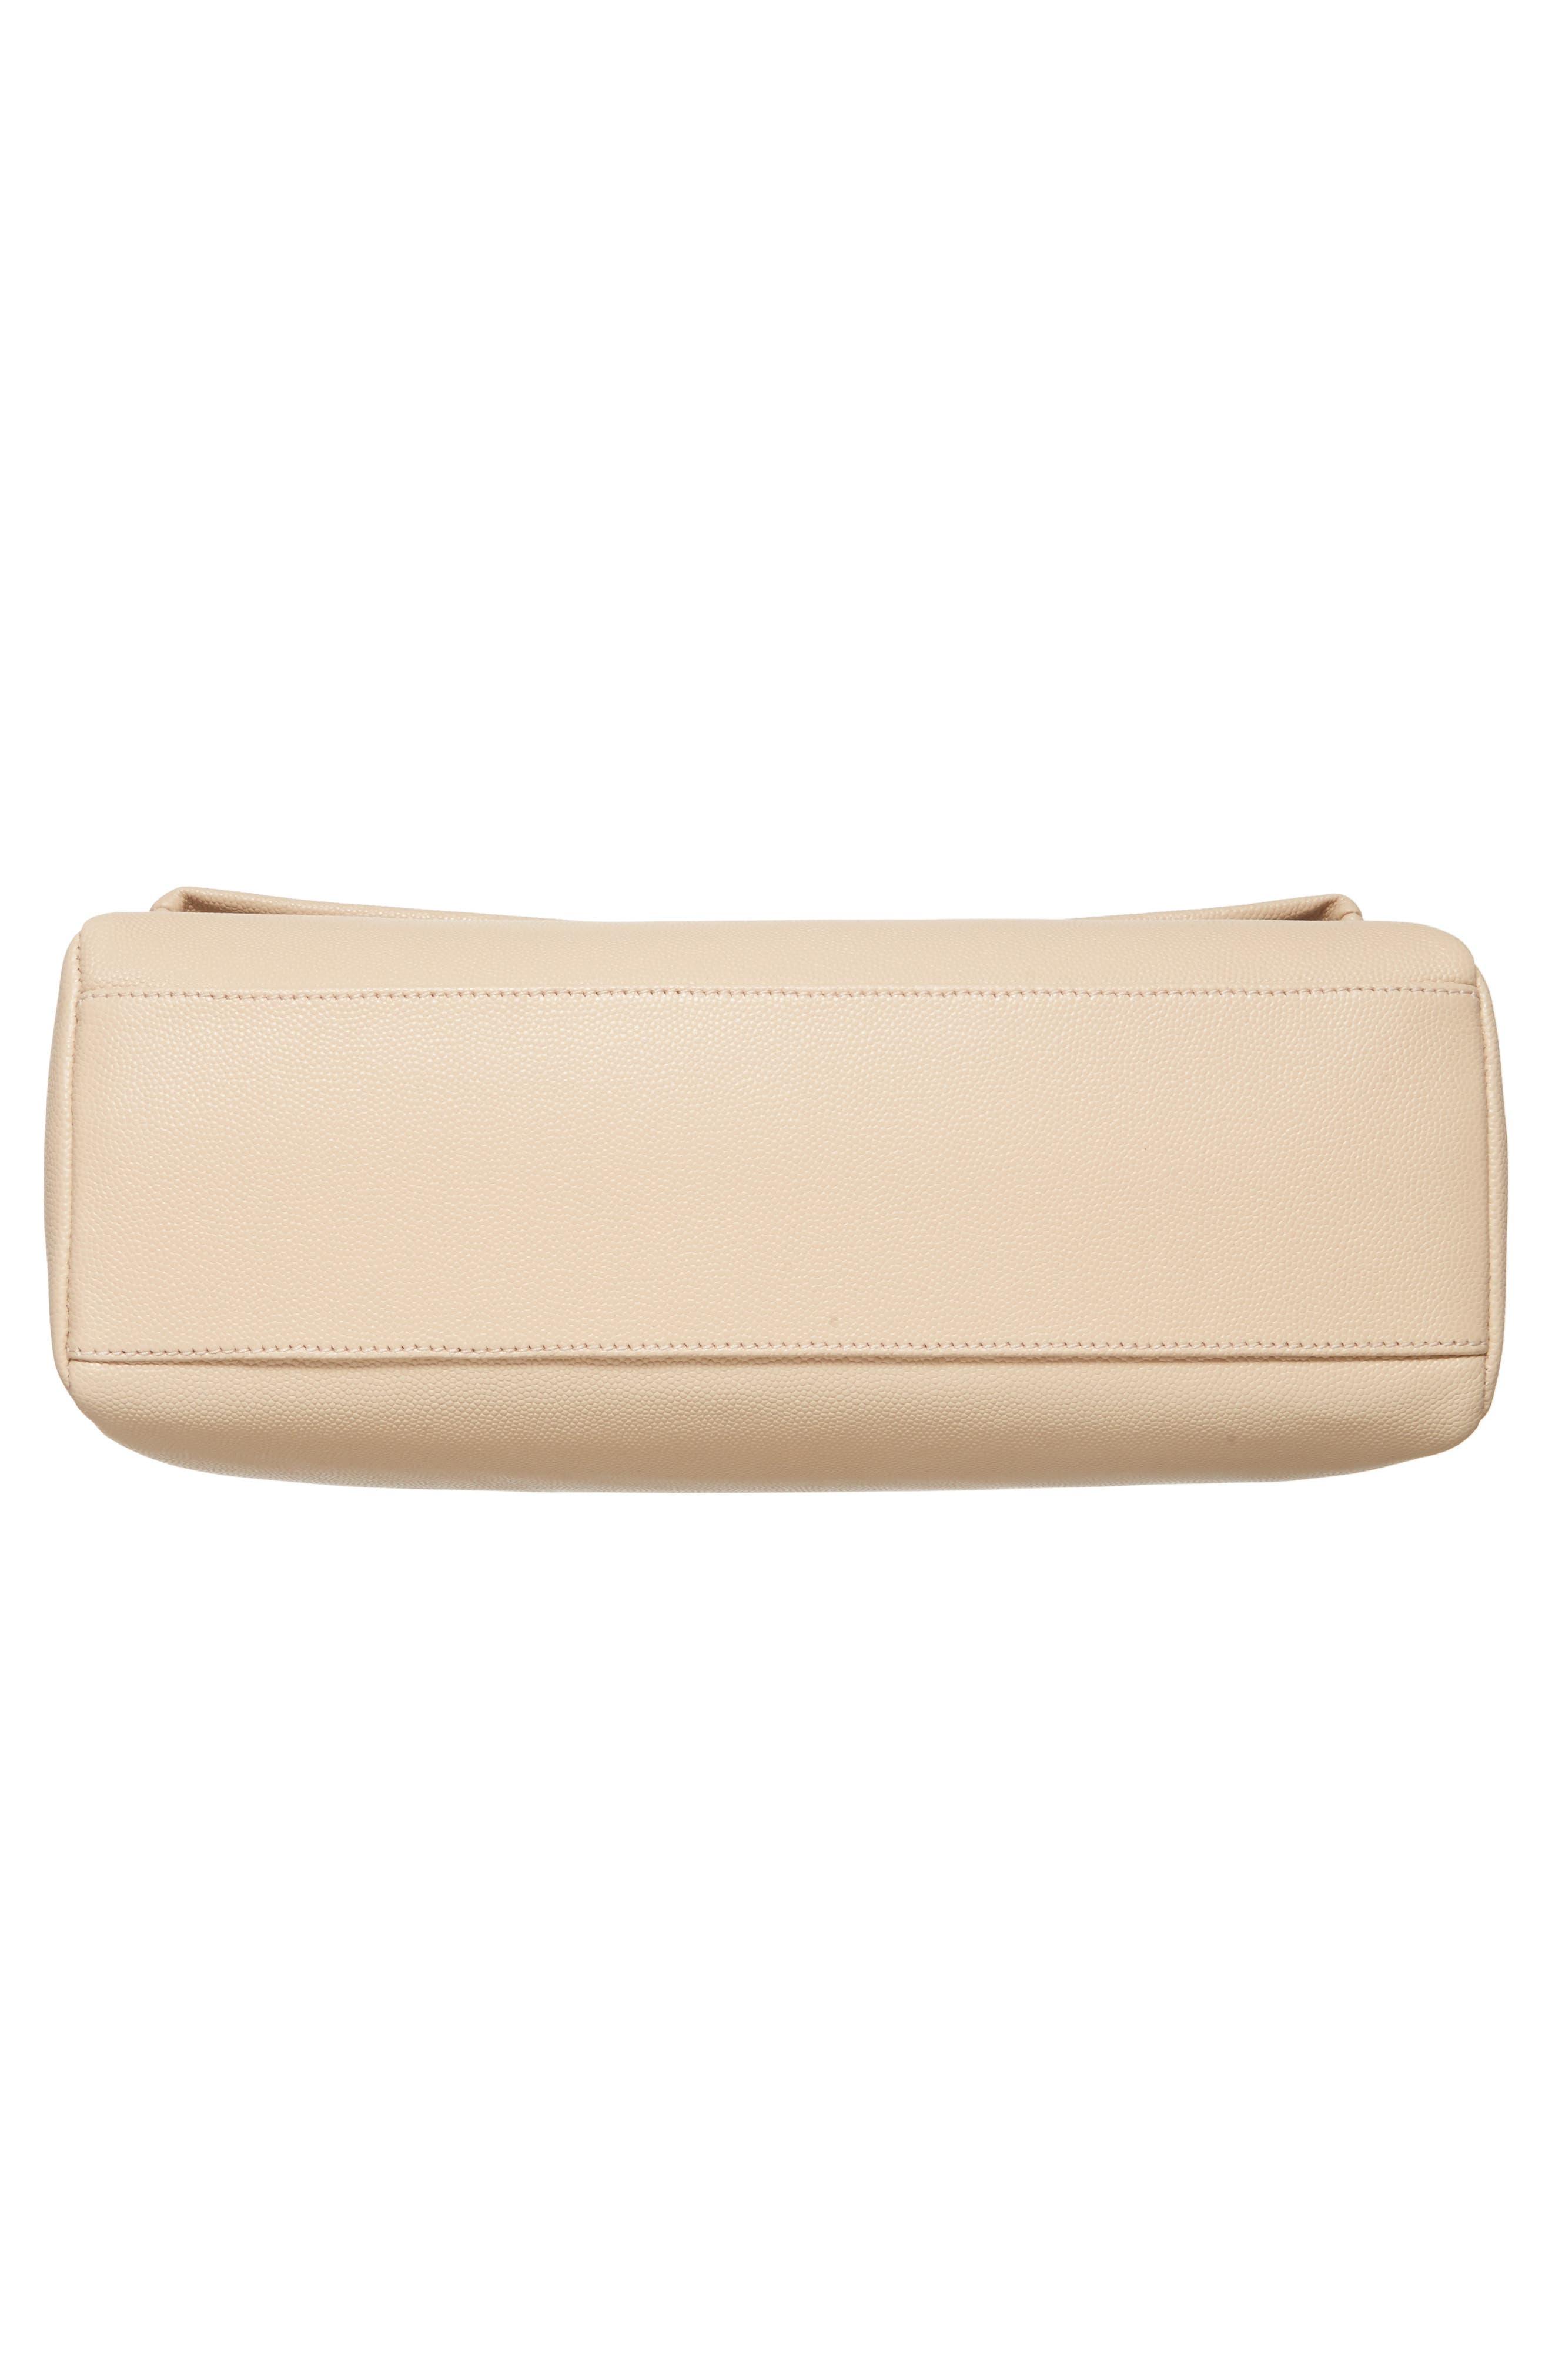 Medium West Hollywood Leather Shoulder Bag,                             Alternate thumbnail 18, color,